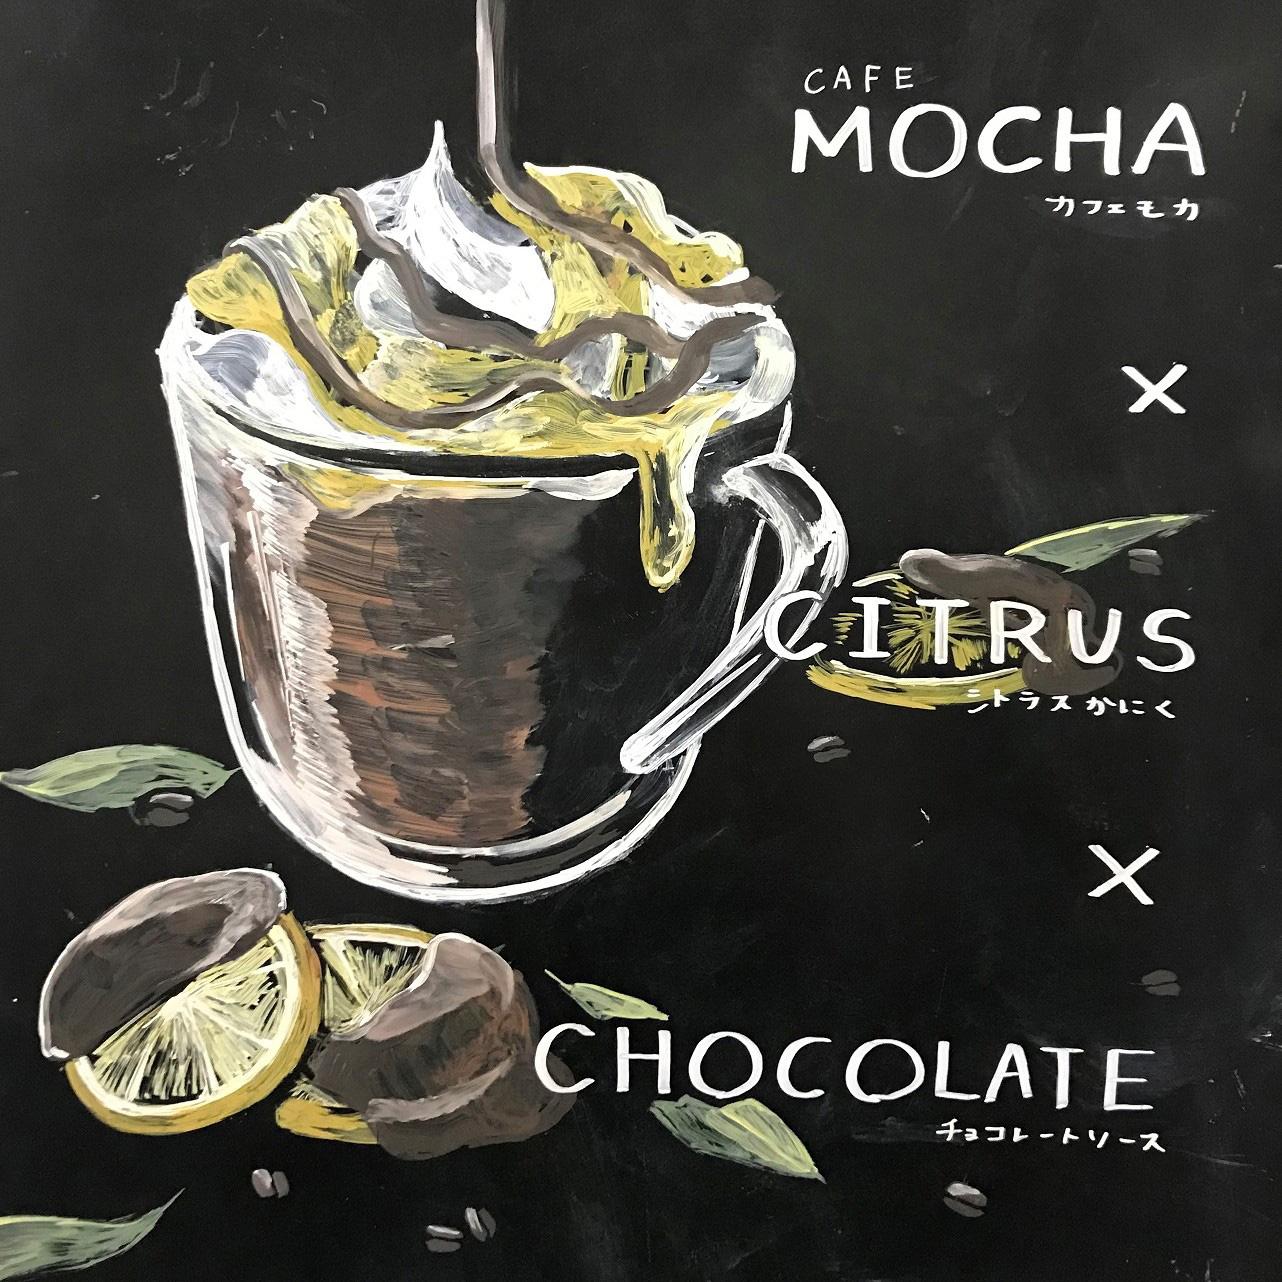 シトラス チョコレート ソース モカ